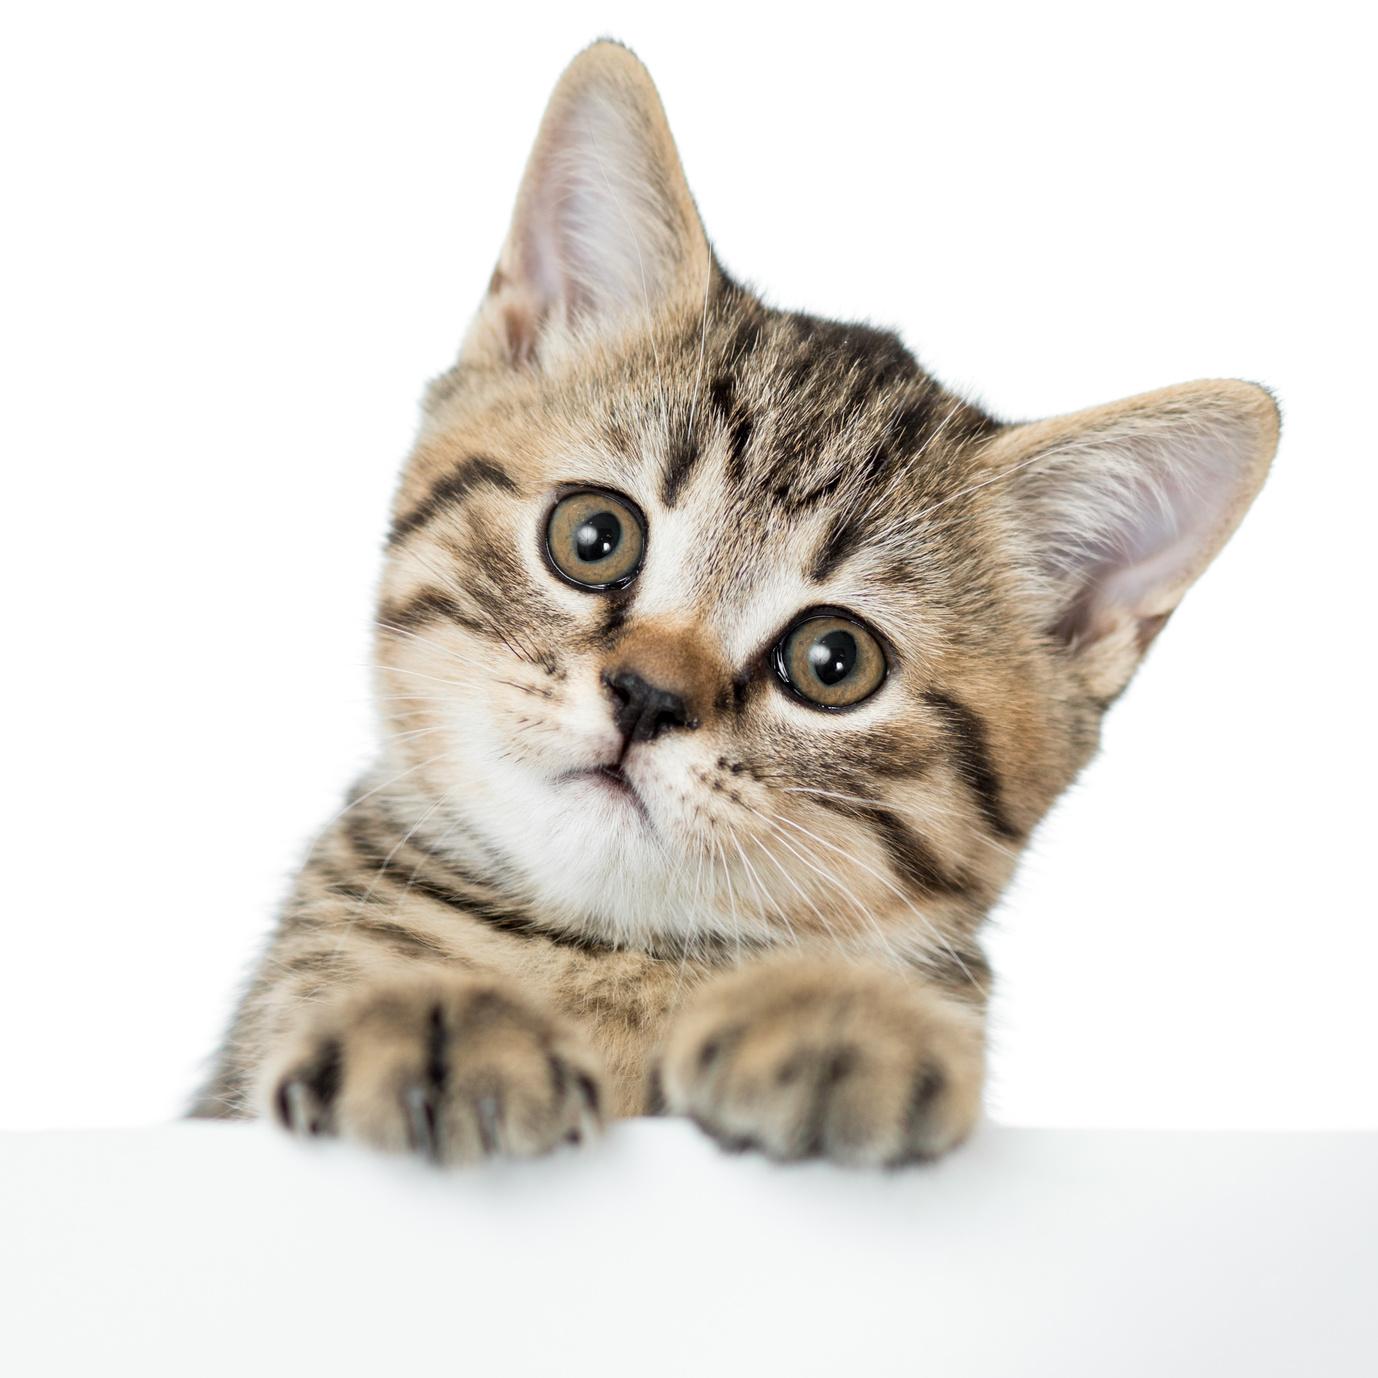 caresser votre chat peut être dangereux